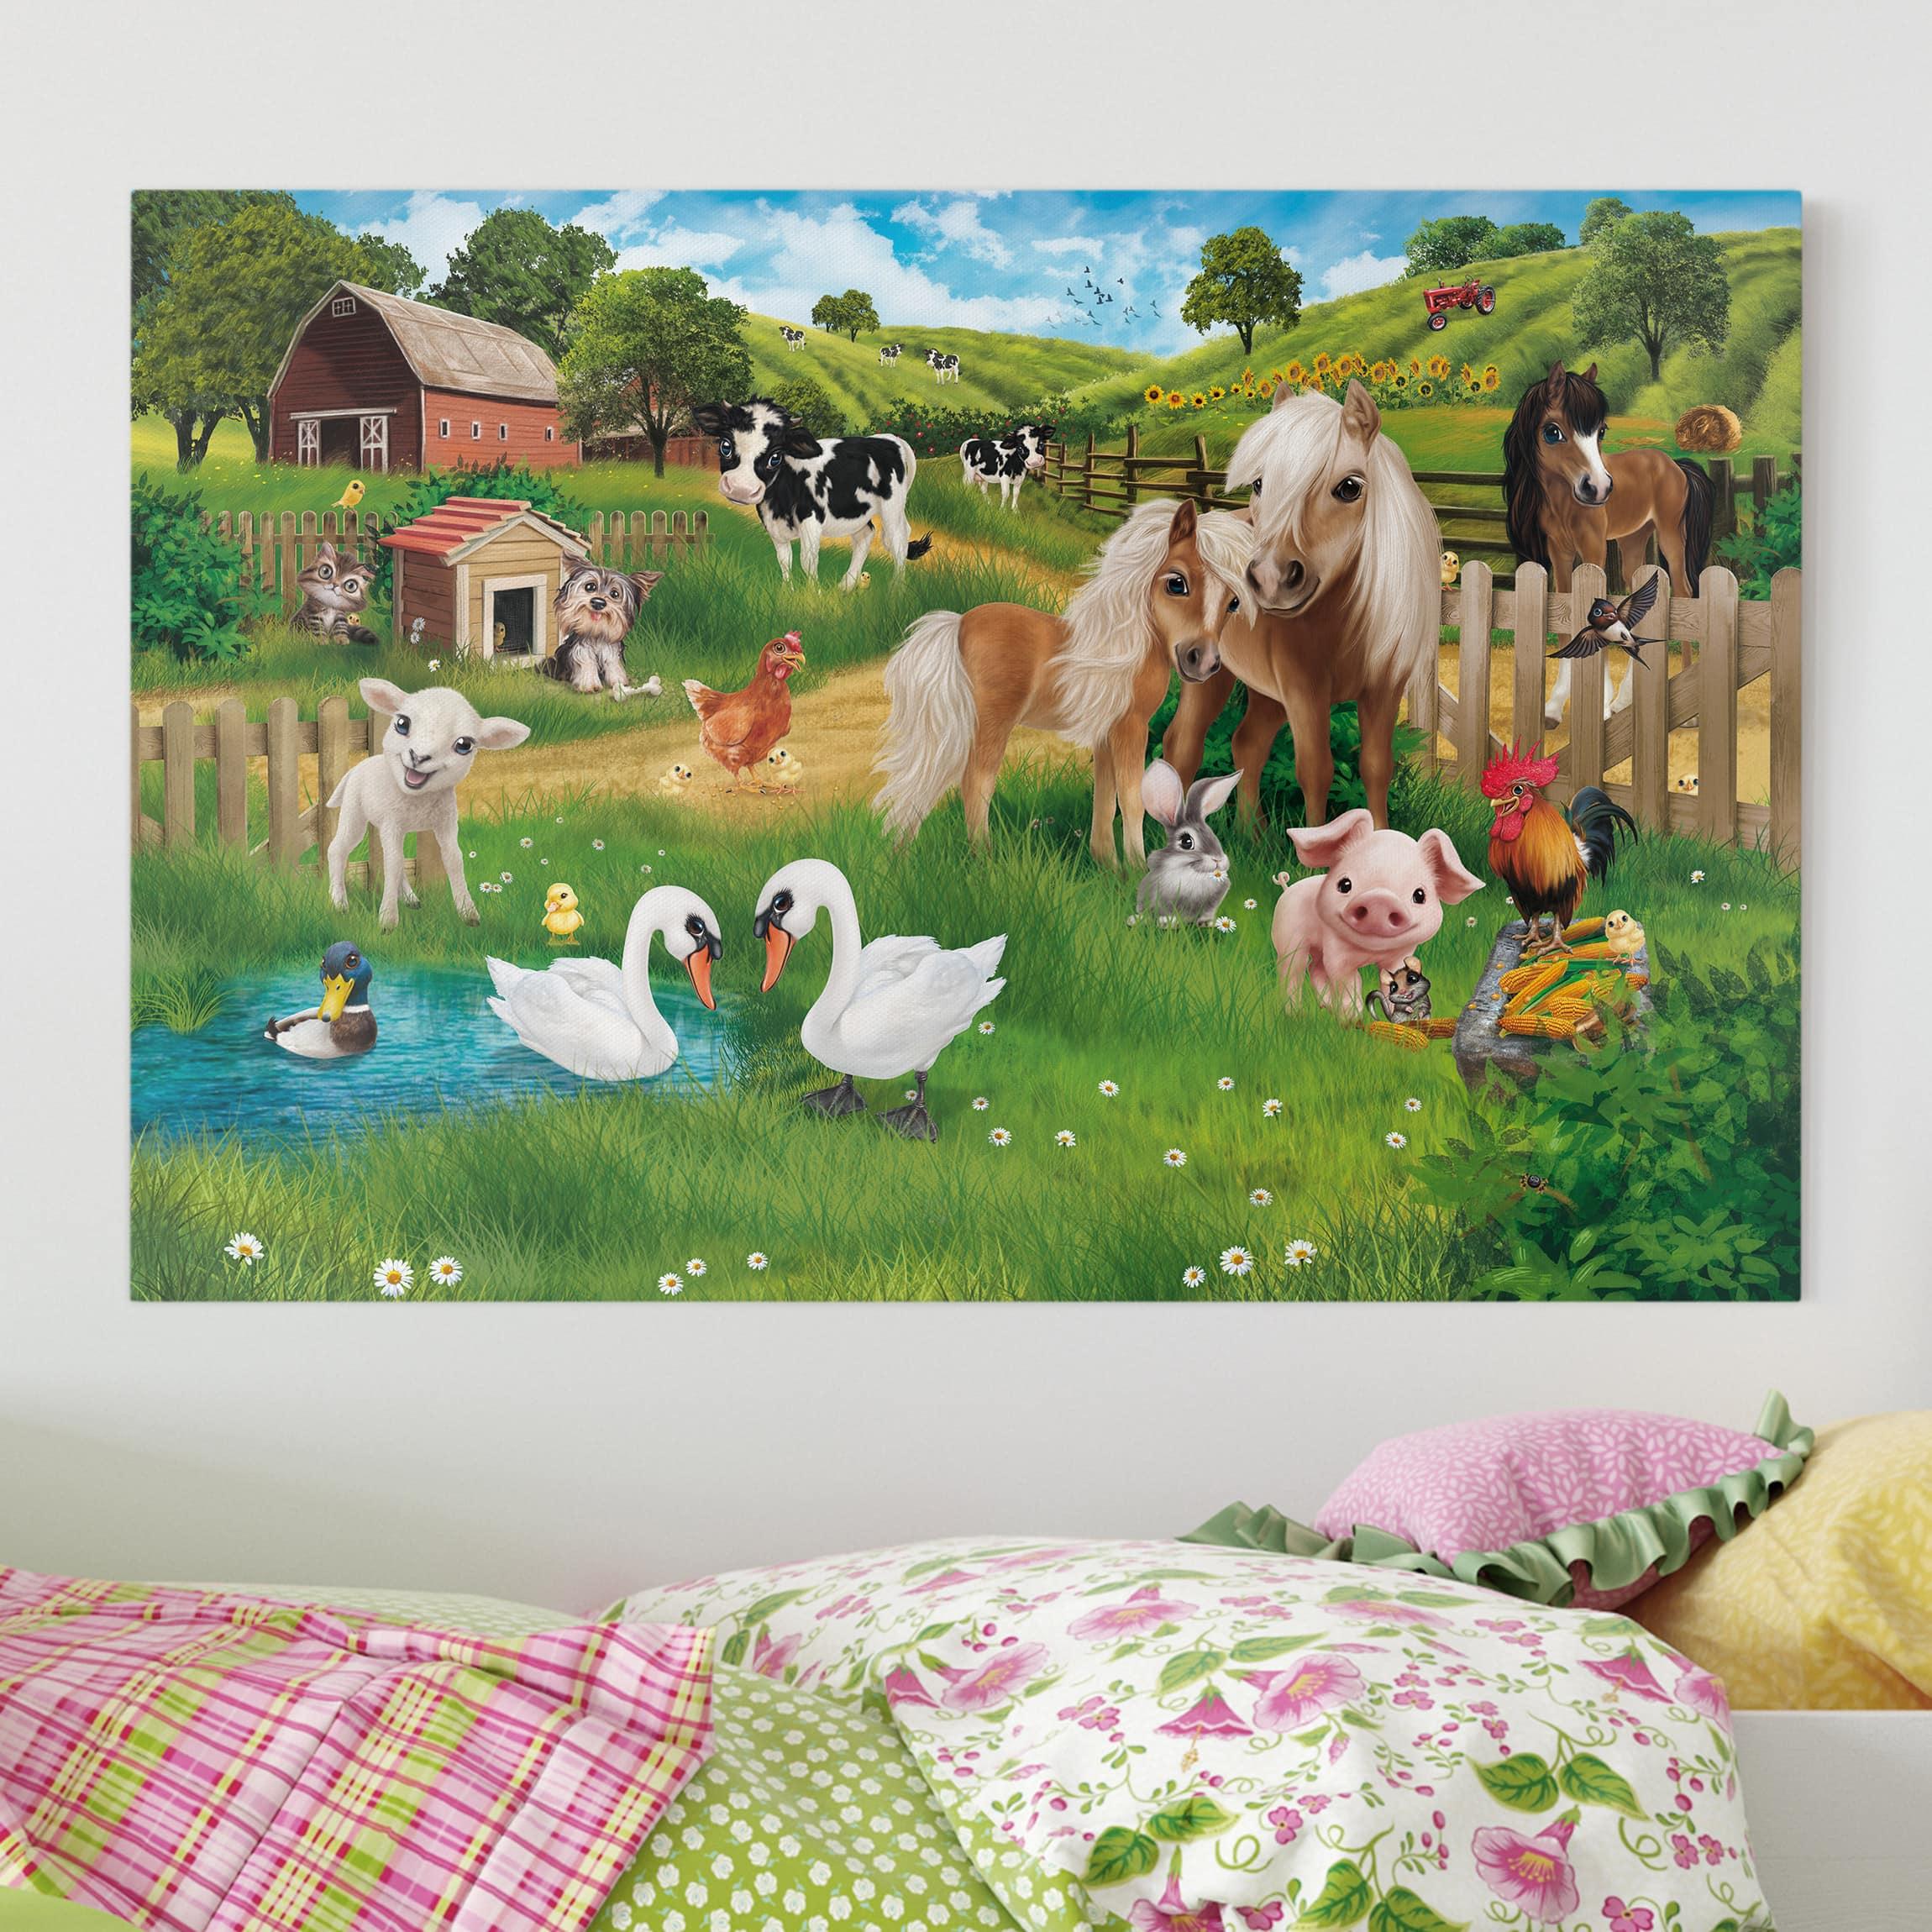 Leinwandbild Kinderzimmer - Tiere auf dem Bauernhof - Querformat 2:3